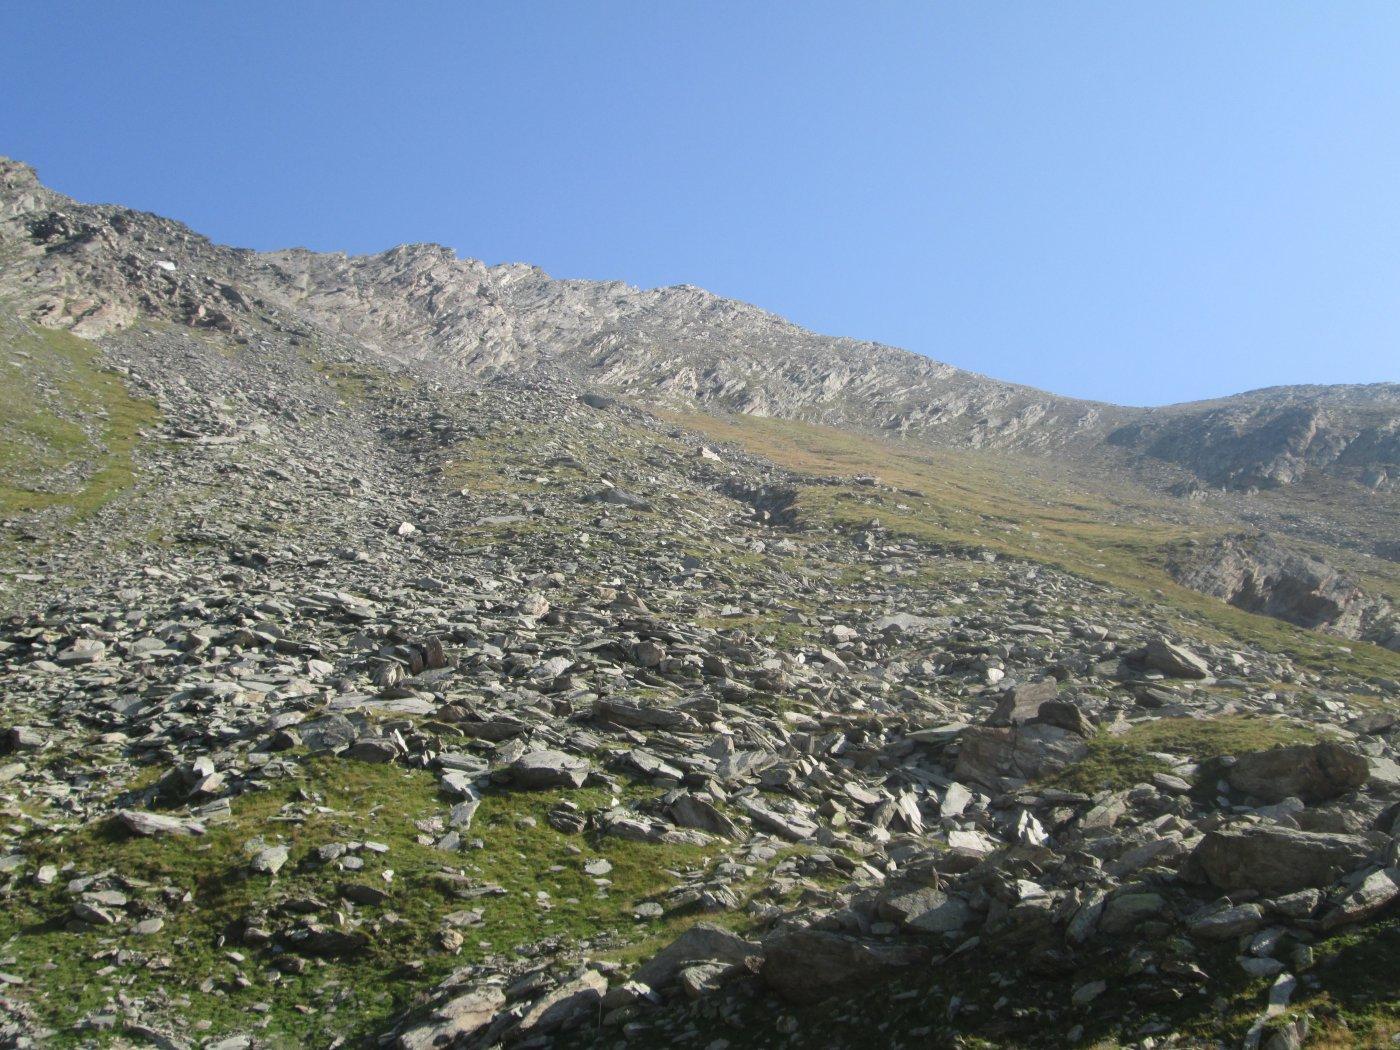 Monte Ferra dal lago Reisassa